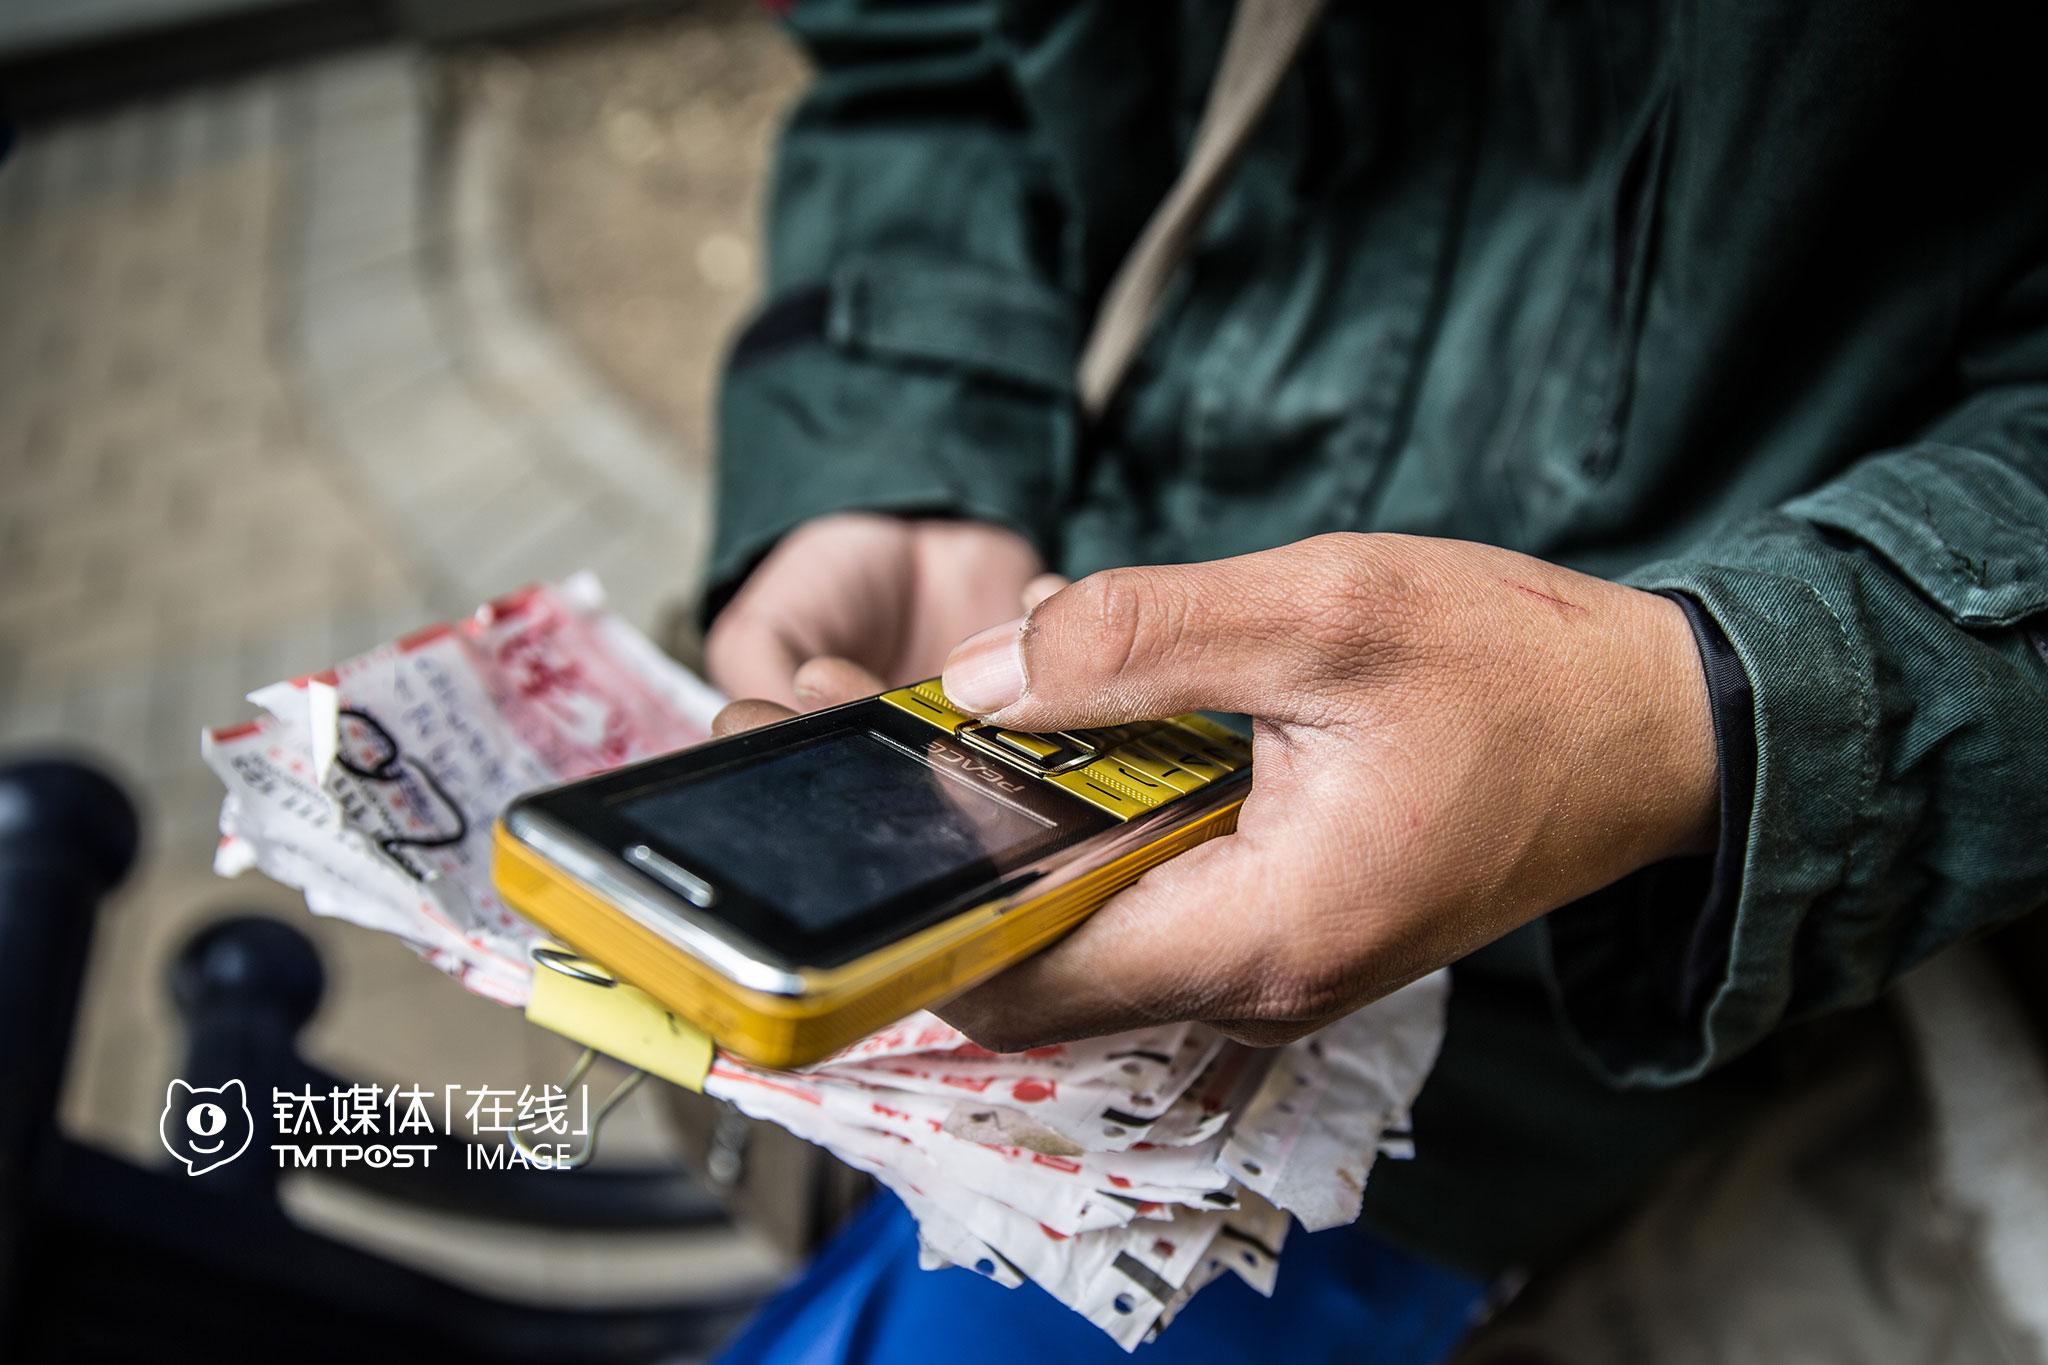 不管大小,他每送一个件,提成都是一块钱。电话费自己出,公司没得补贴,为了省钱,他每次都会先拿着快递直接去收件人家敲门,如果对方家里没人或者没开门,他才会开始打电话联系。这个手机常常没信号,通话质量欠佳,有时让他有些恼火和无奈。